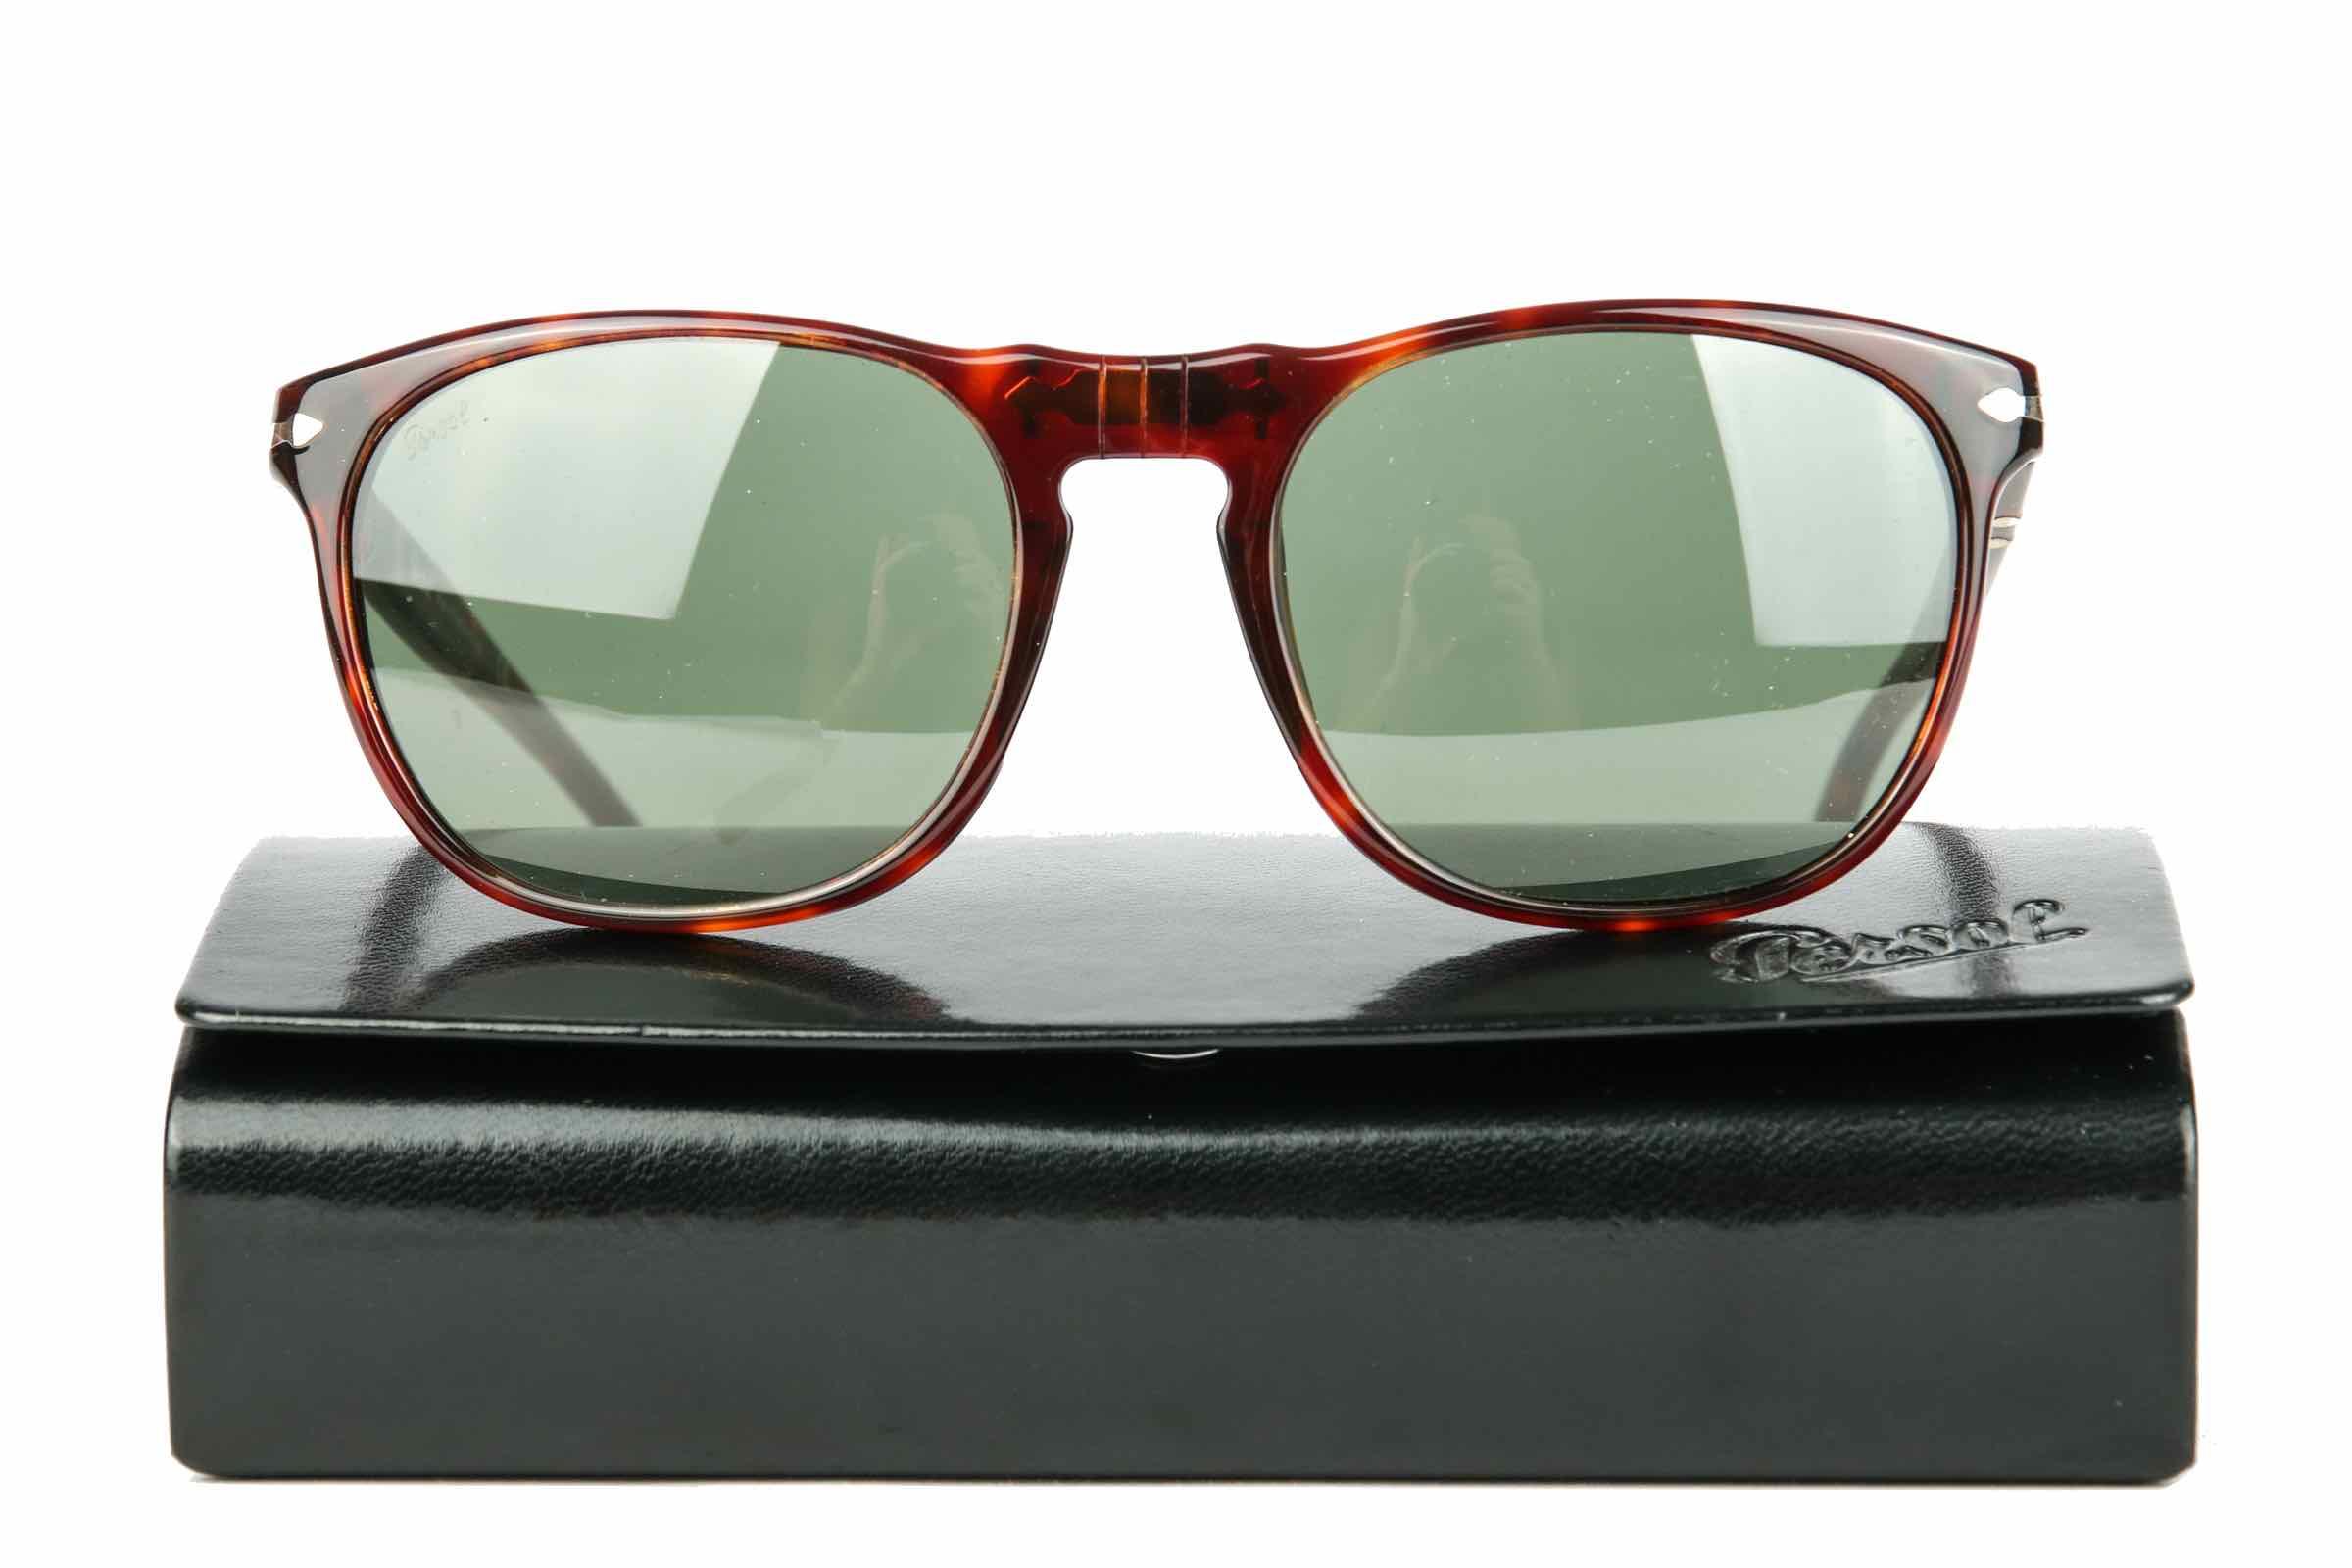 3361da1f492 Persol Sunglasses Havanna